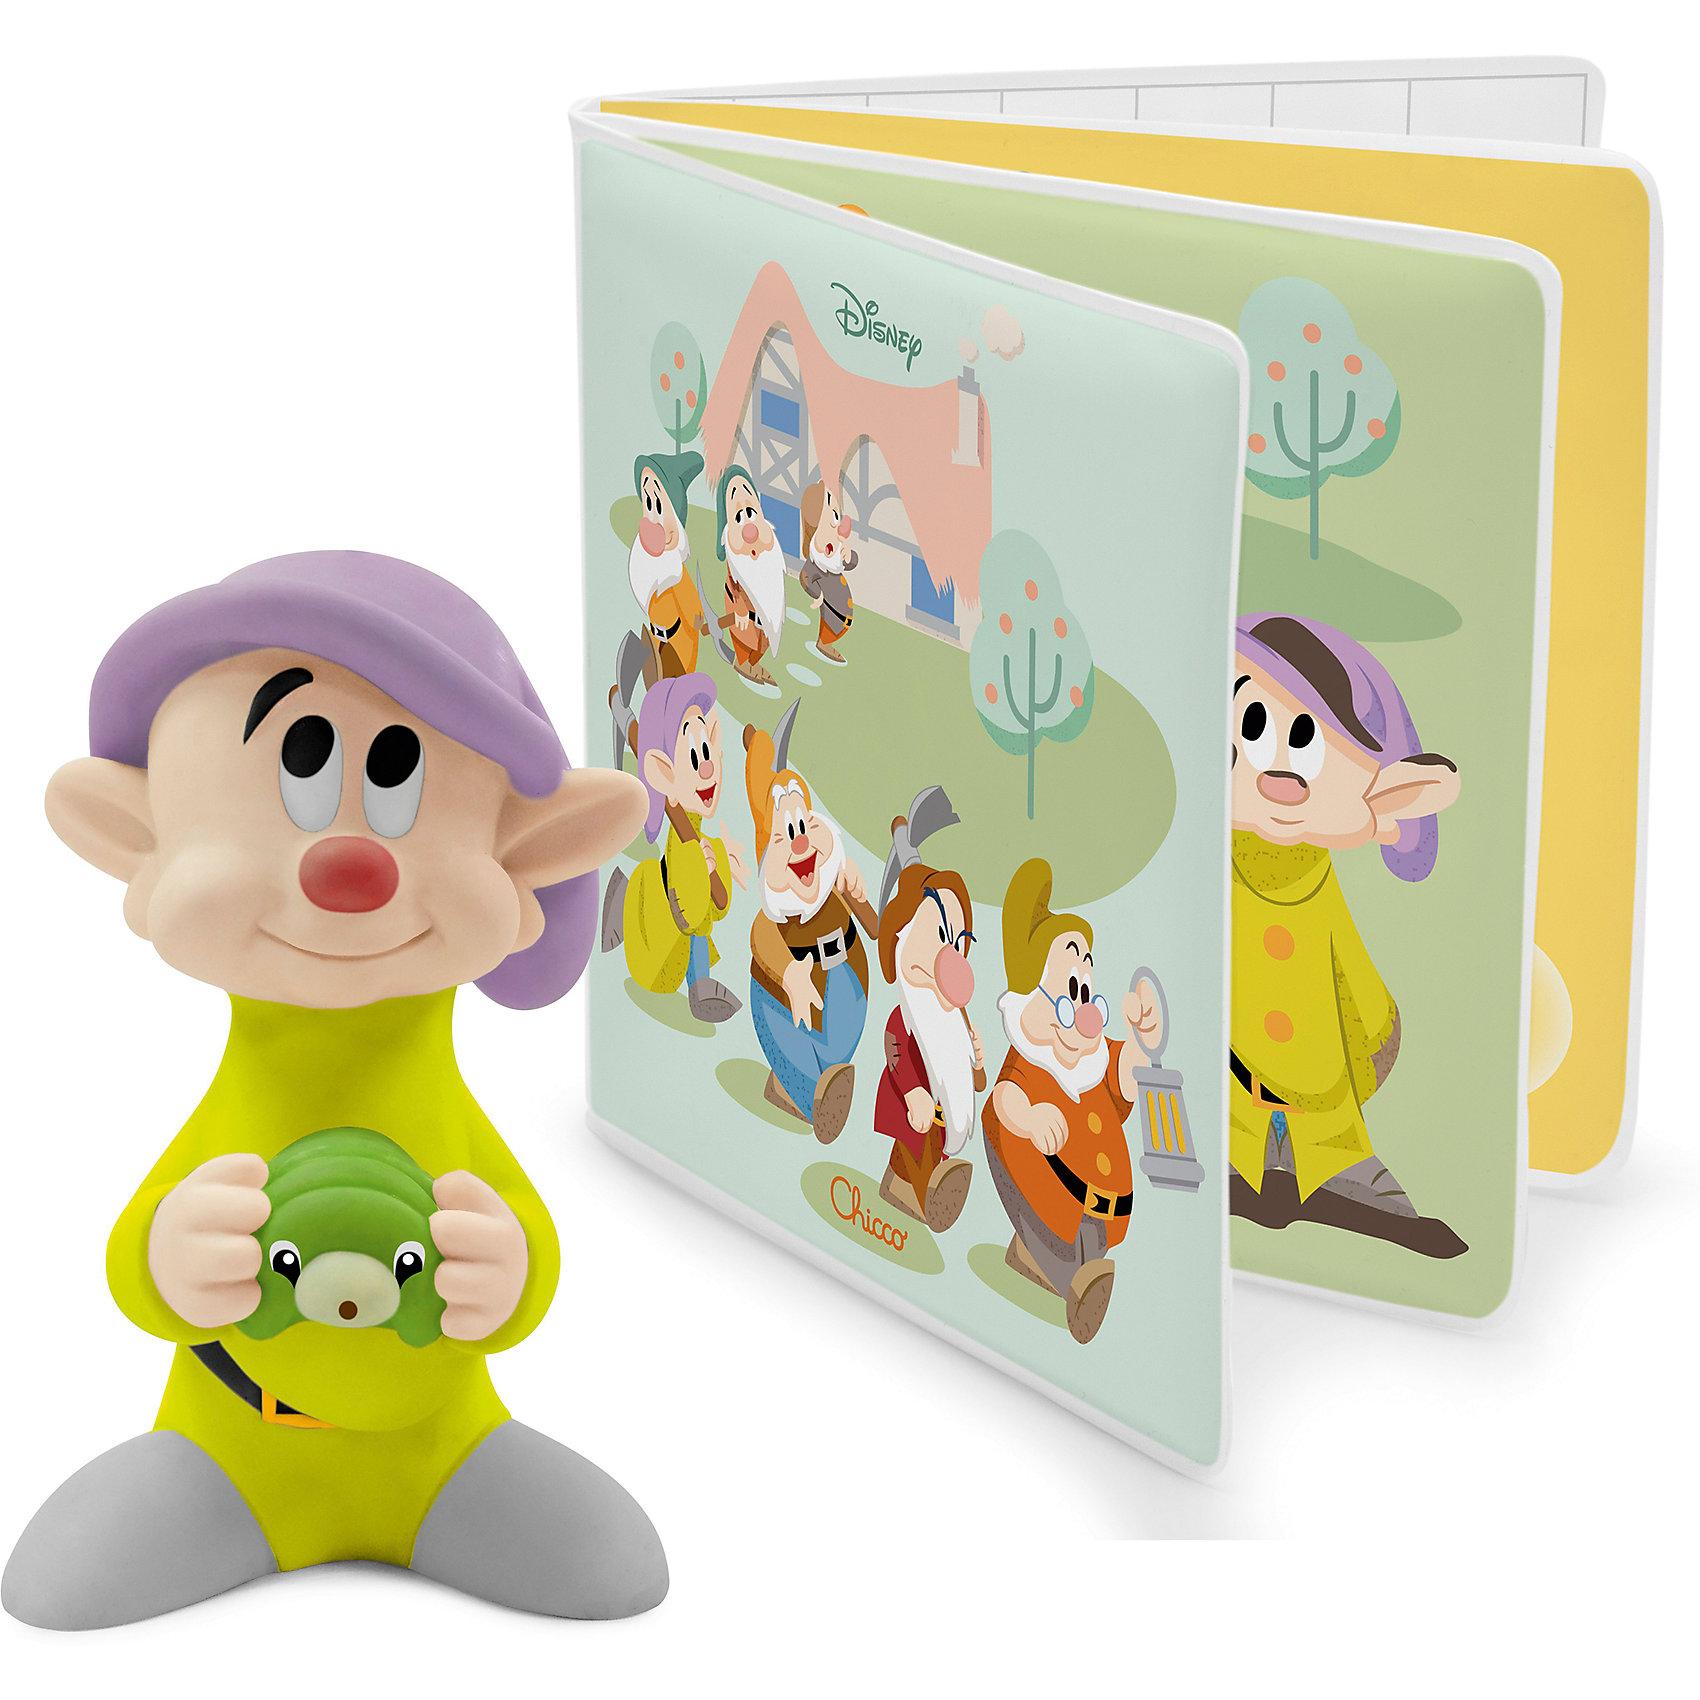 CHICCO Книжка-игрушка для ванны 7 гномов, Chicco кукольные домики chicco домик белоснежка и 7 гномов